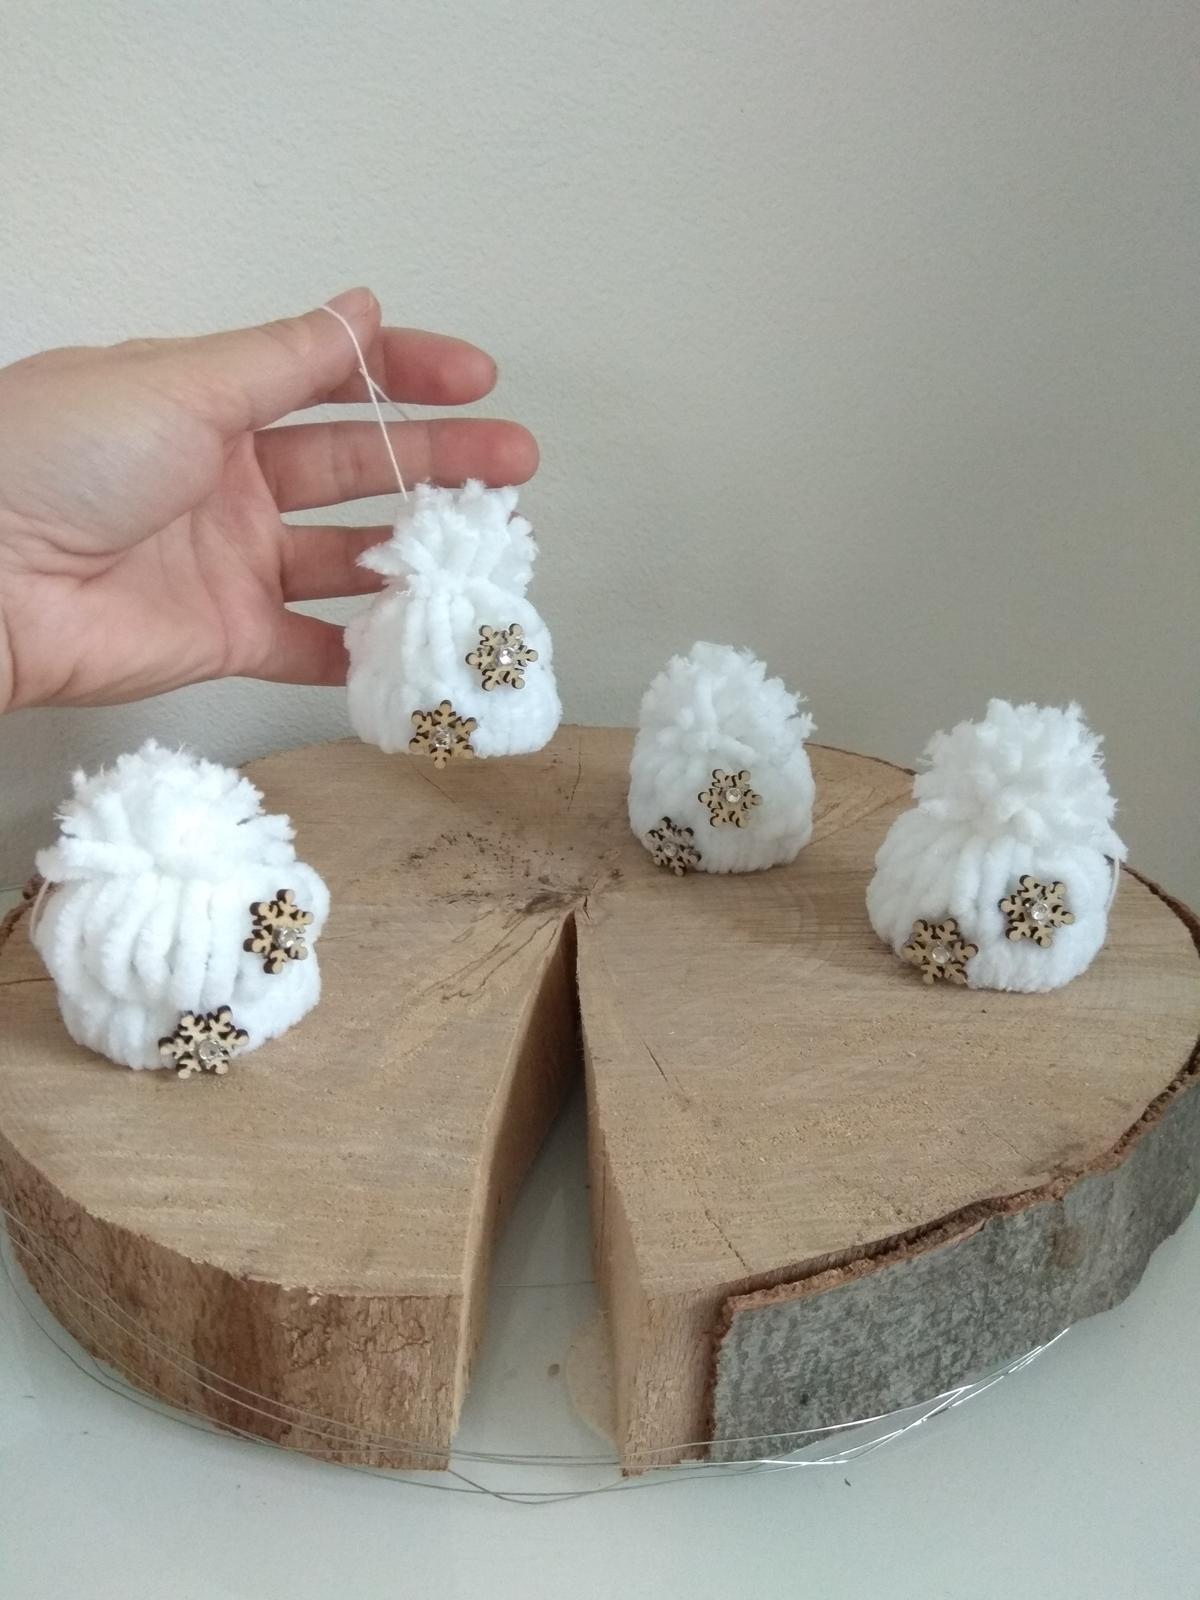 Když tvořím podle něčeho, aneb moje DIY - Čepice. Snad Ježíšek přinese větší stromeček než vloni